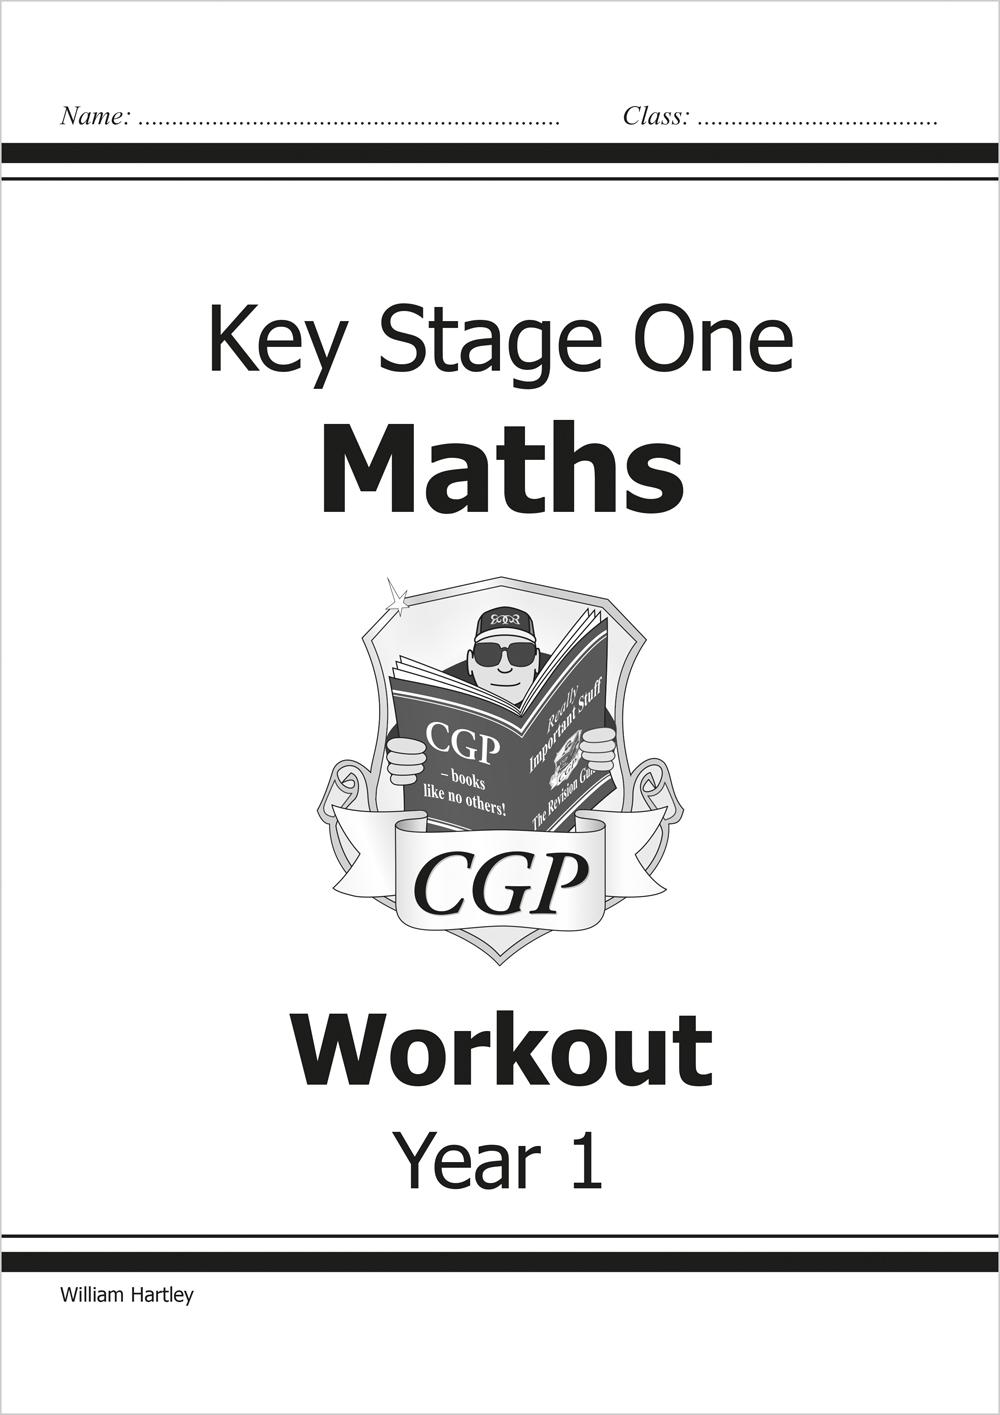 Ks1 Maths Workout